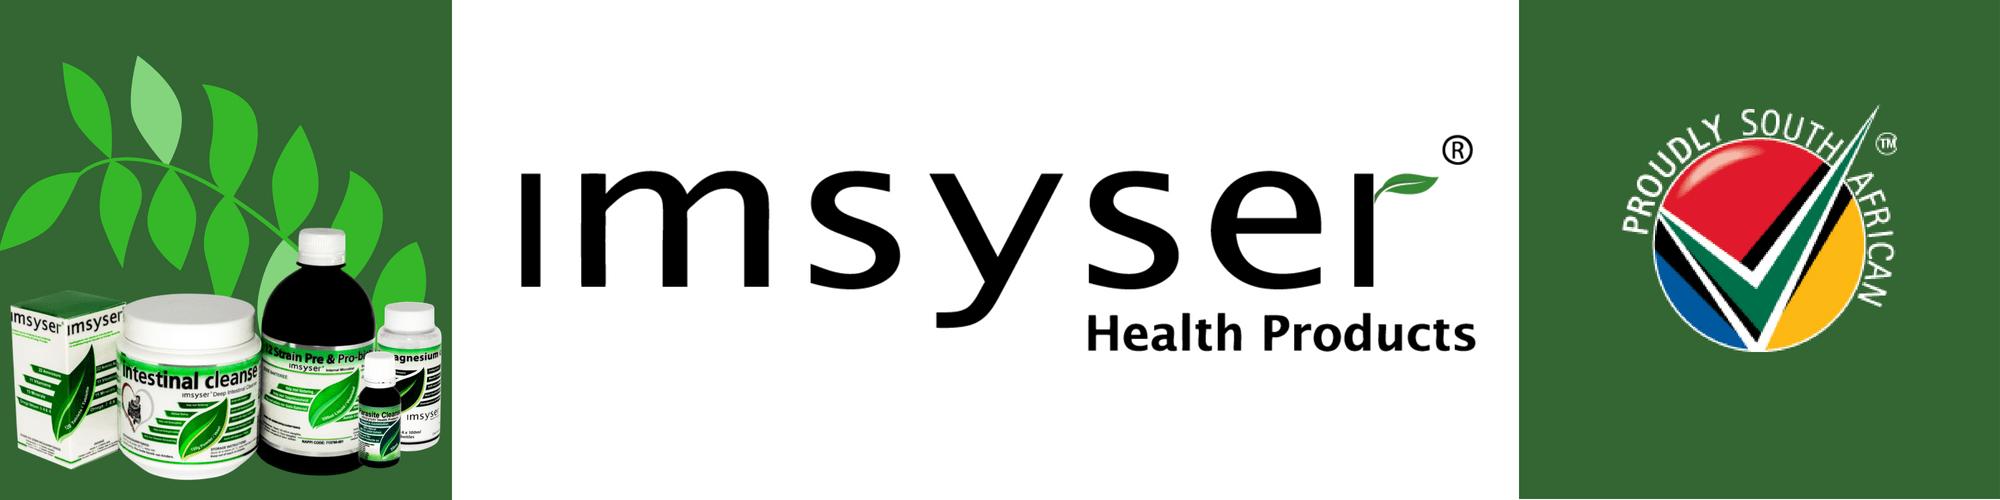 Imsyser